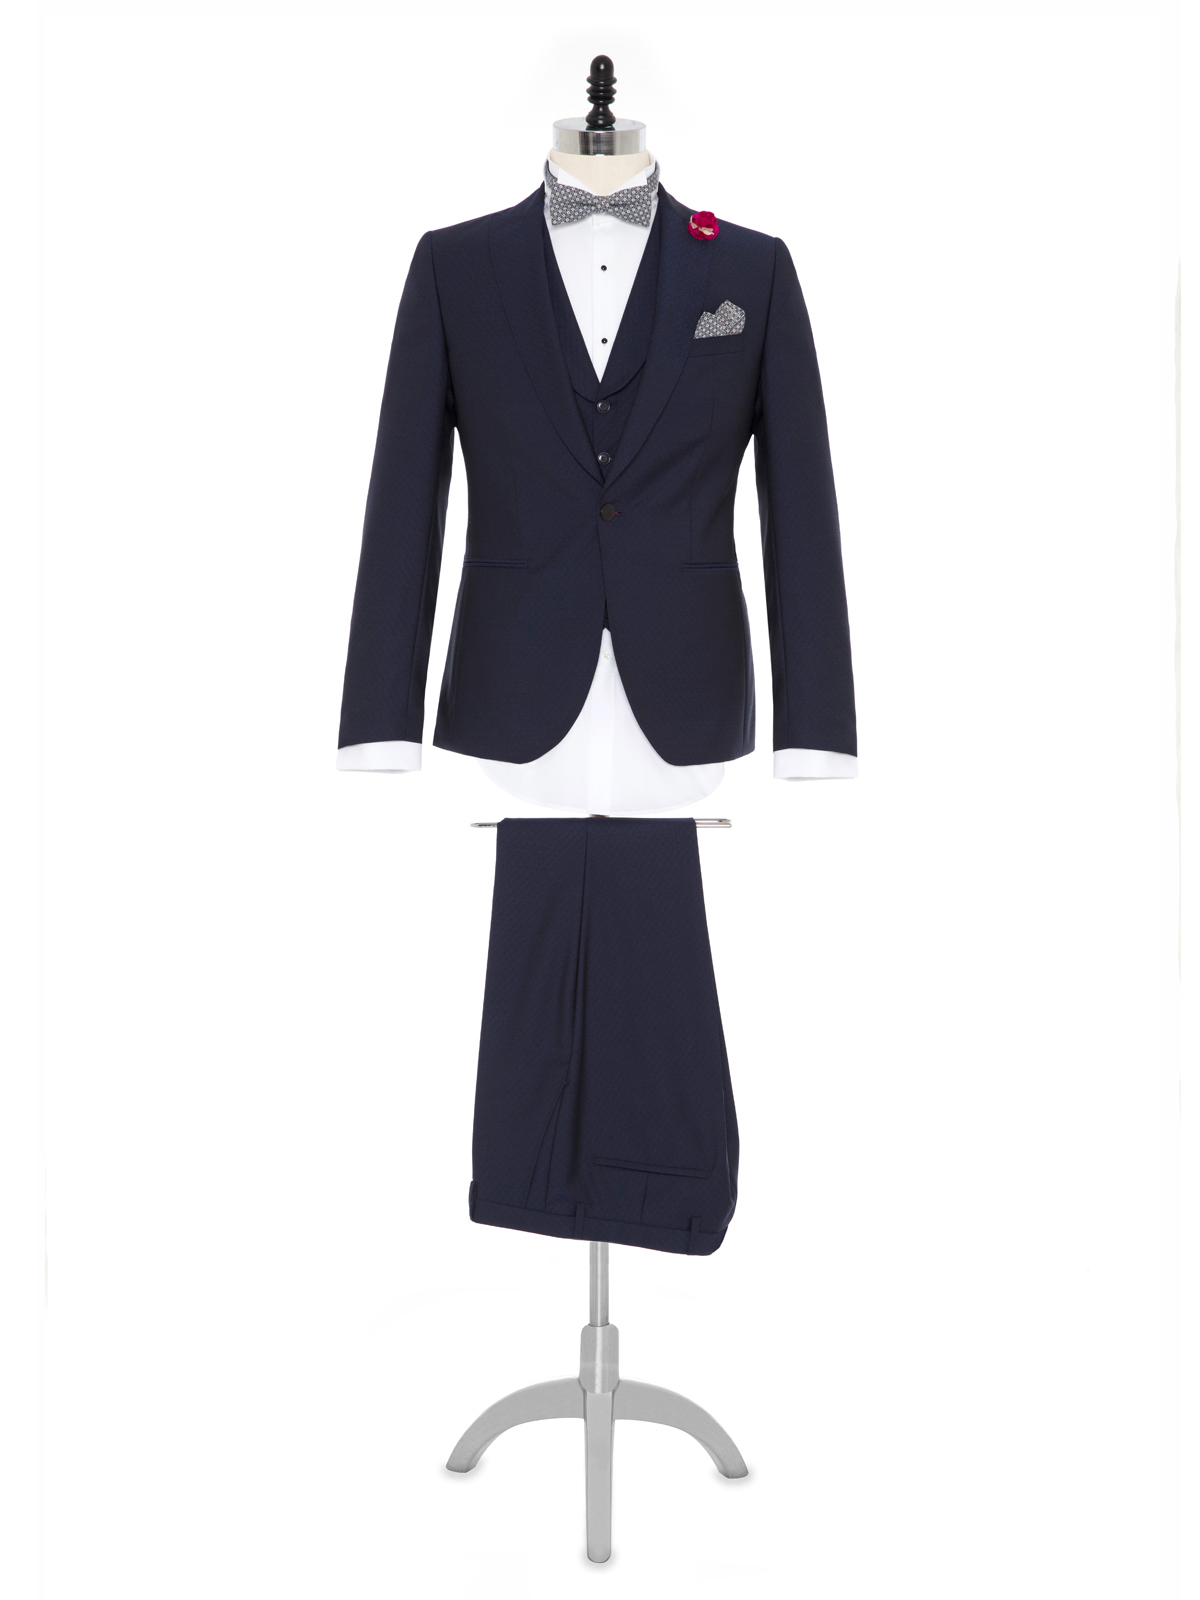 Carl Gross %100 Yün Lacivert Kendinden Desenli Peak Lapel Yaka Slim Fit Yelekli Smokin Takım Elbise